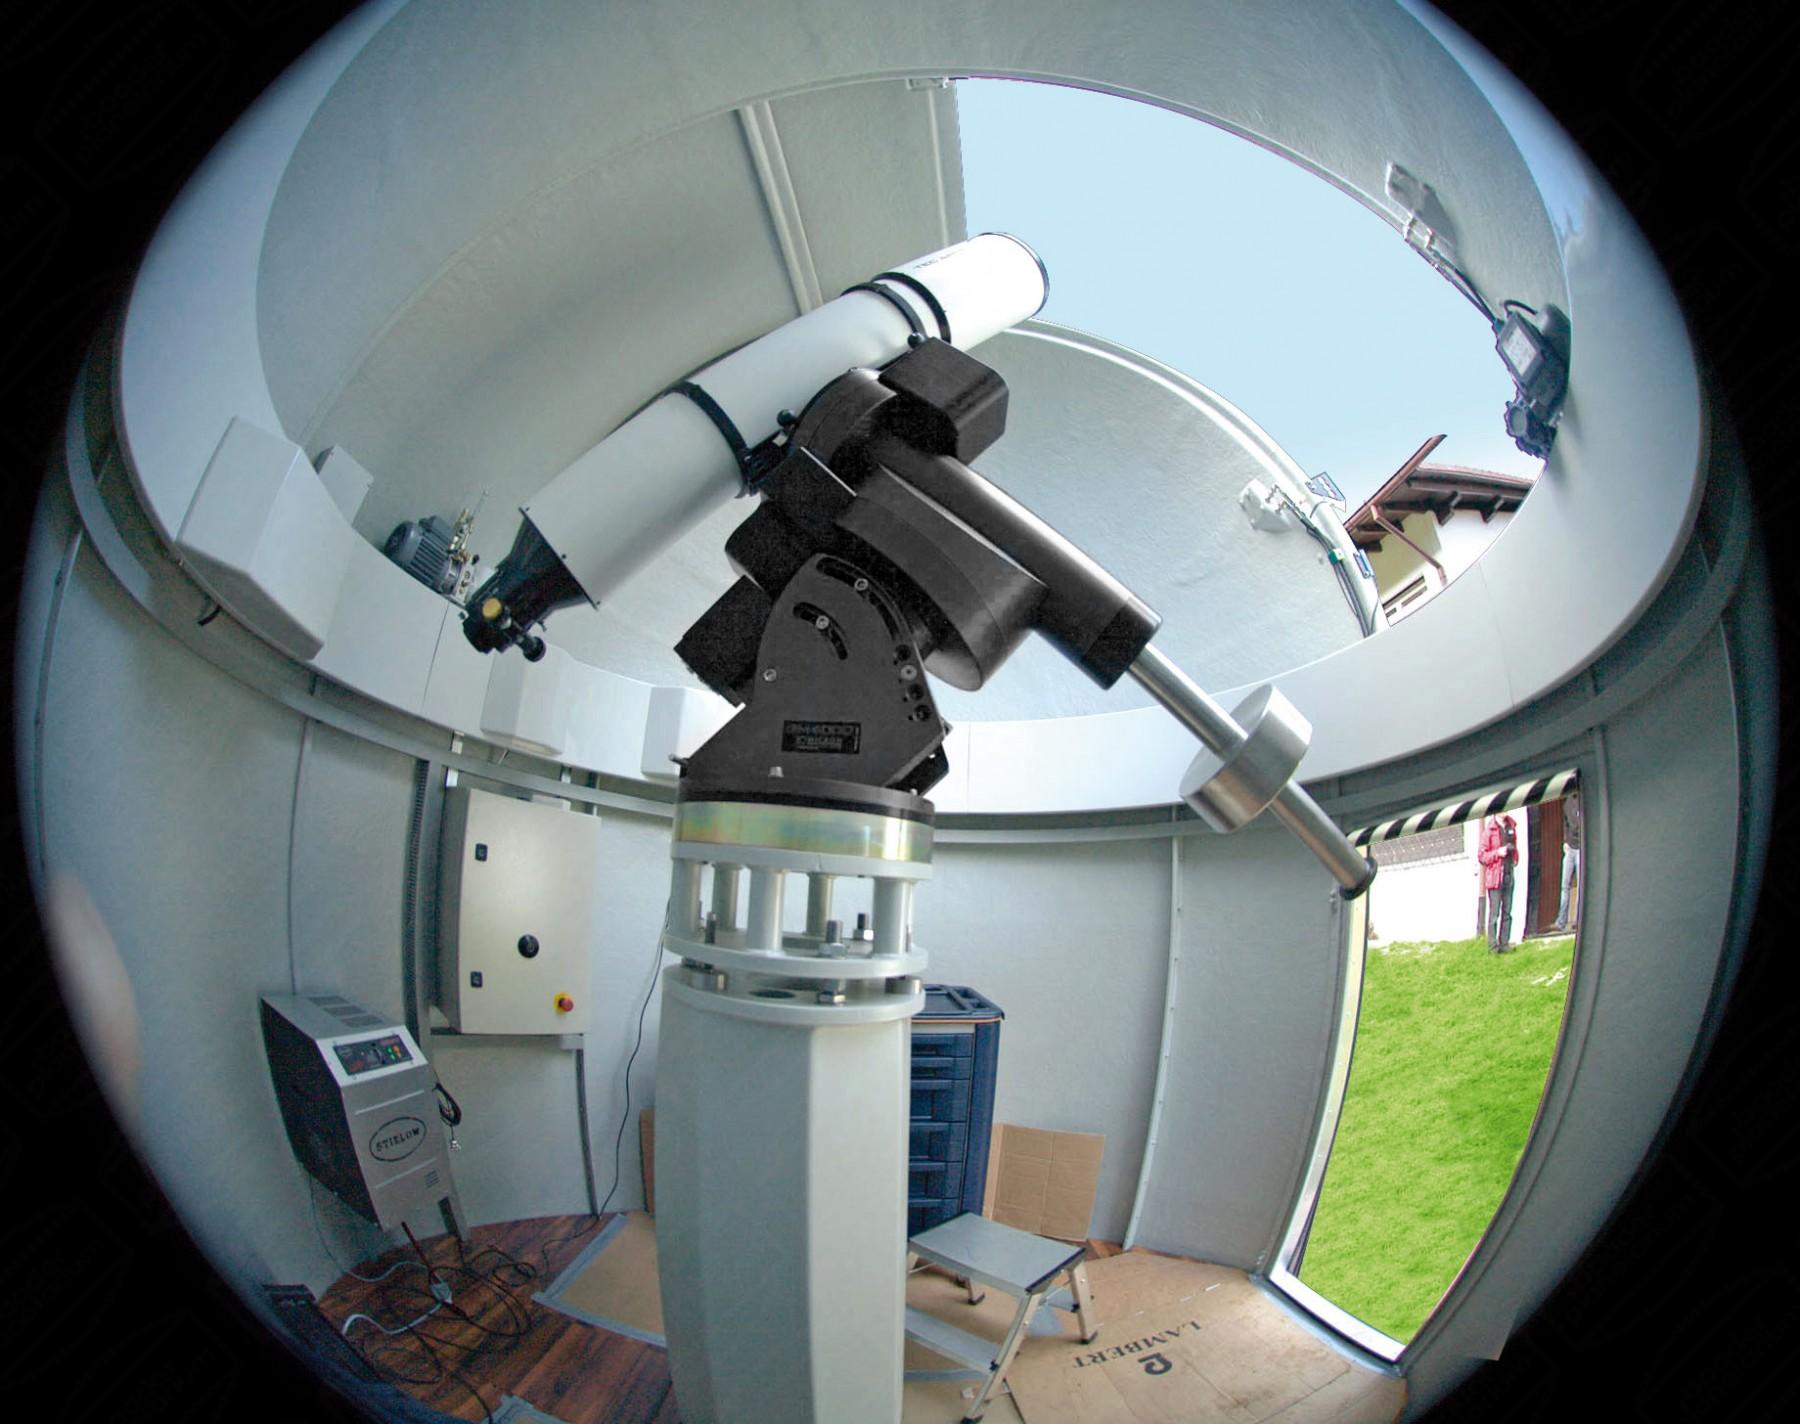 Anwendungsbild: Fischaugenblick von der Innenseite einer 2.6m schlüsselfertigen Sternwarte (Classic)